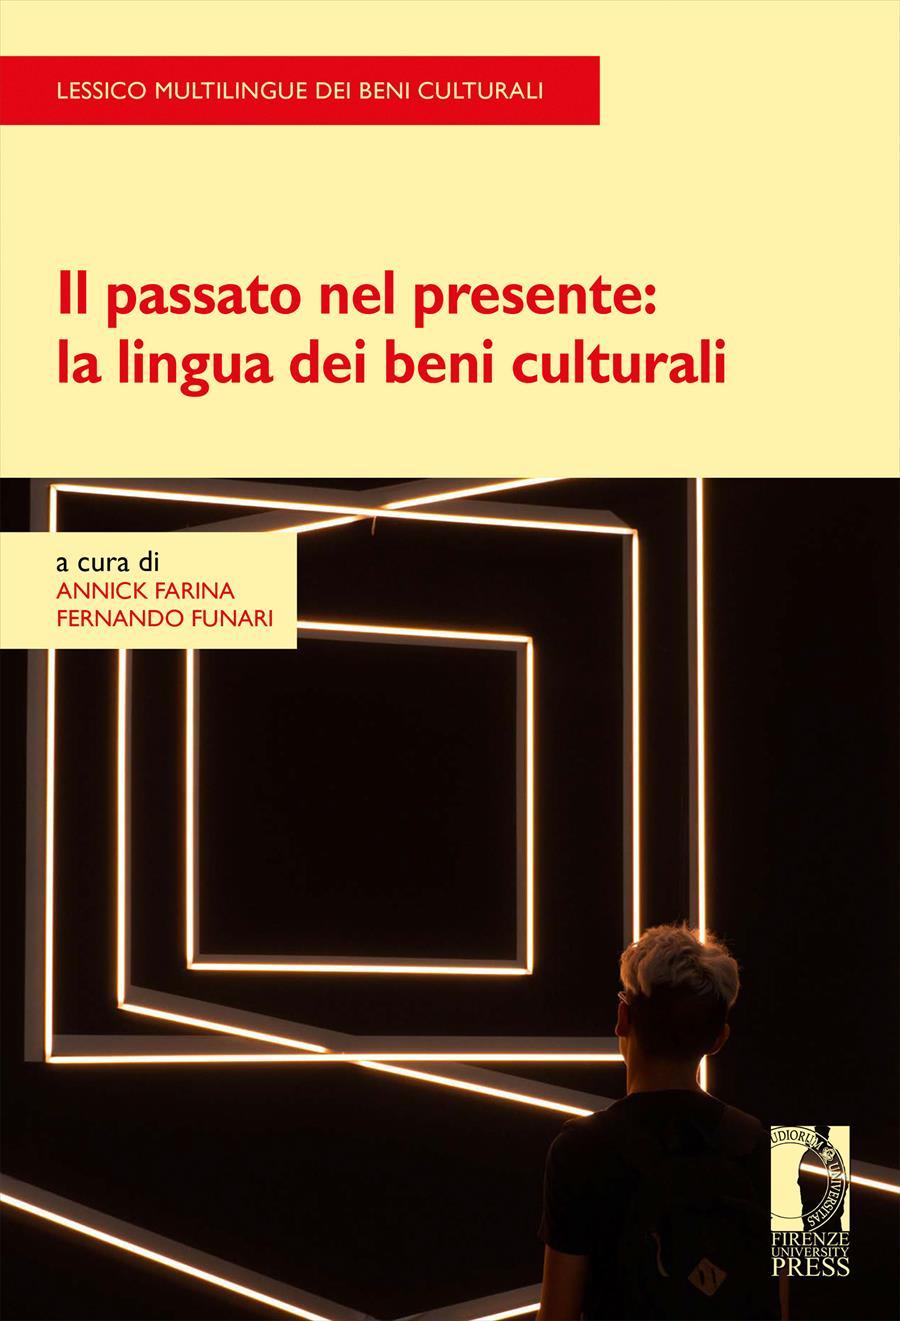 Il passato nel presente: la lingua dei beni culturali